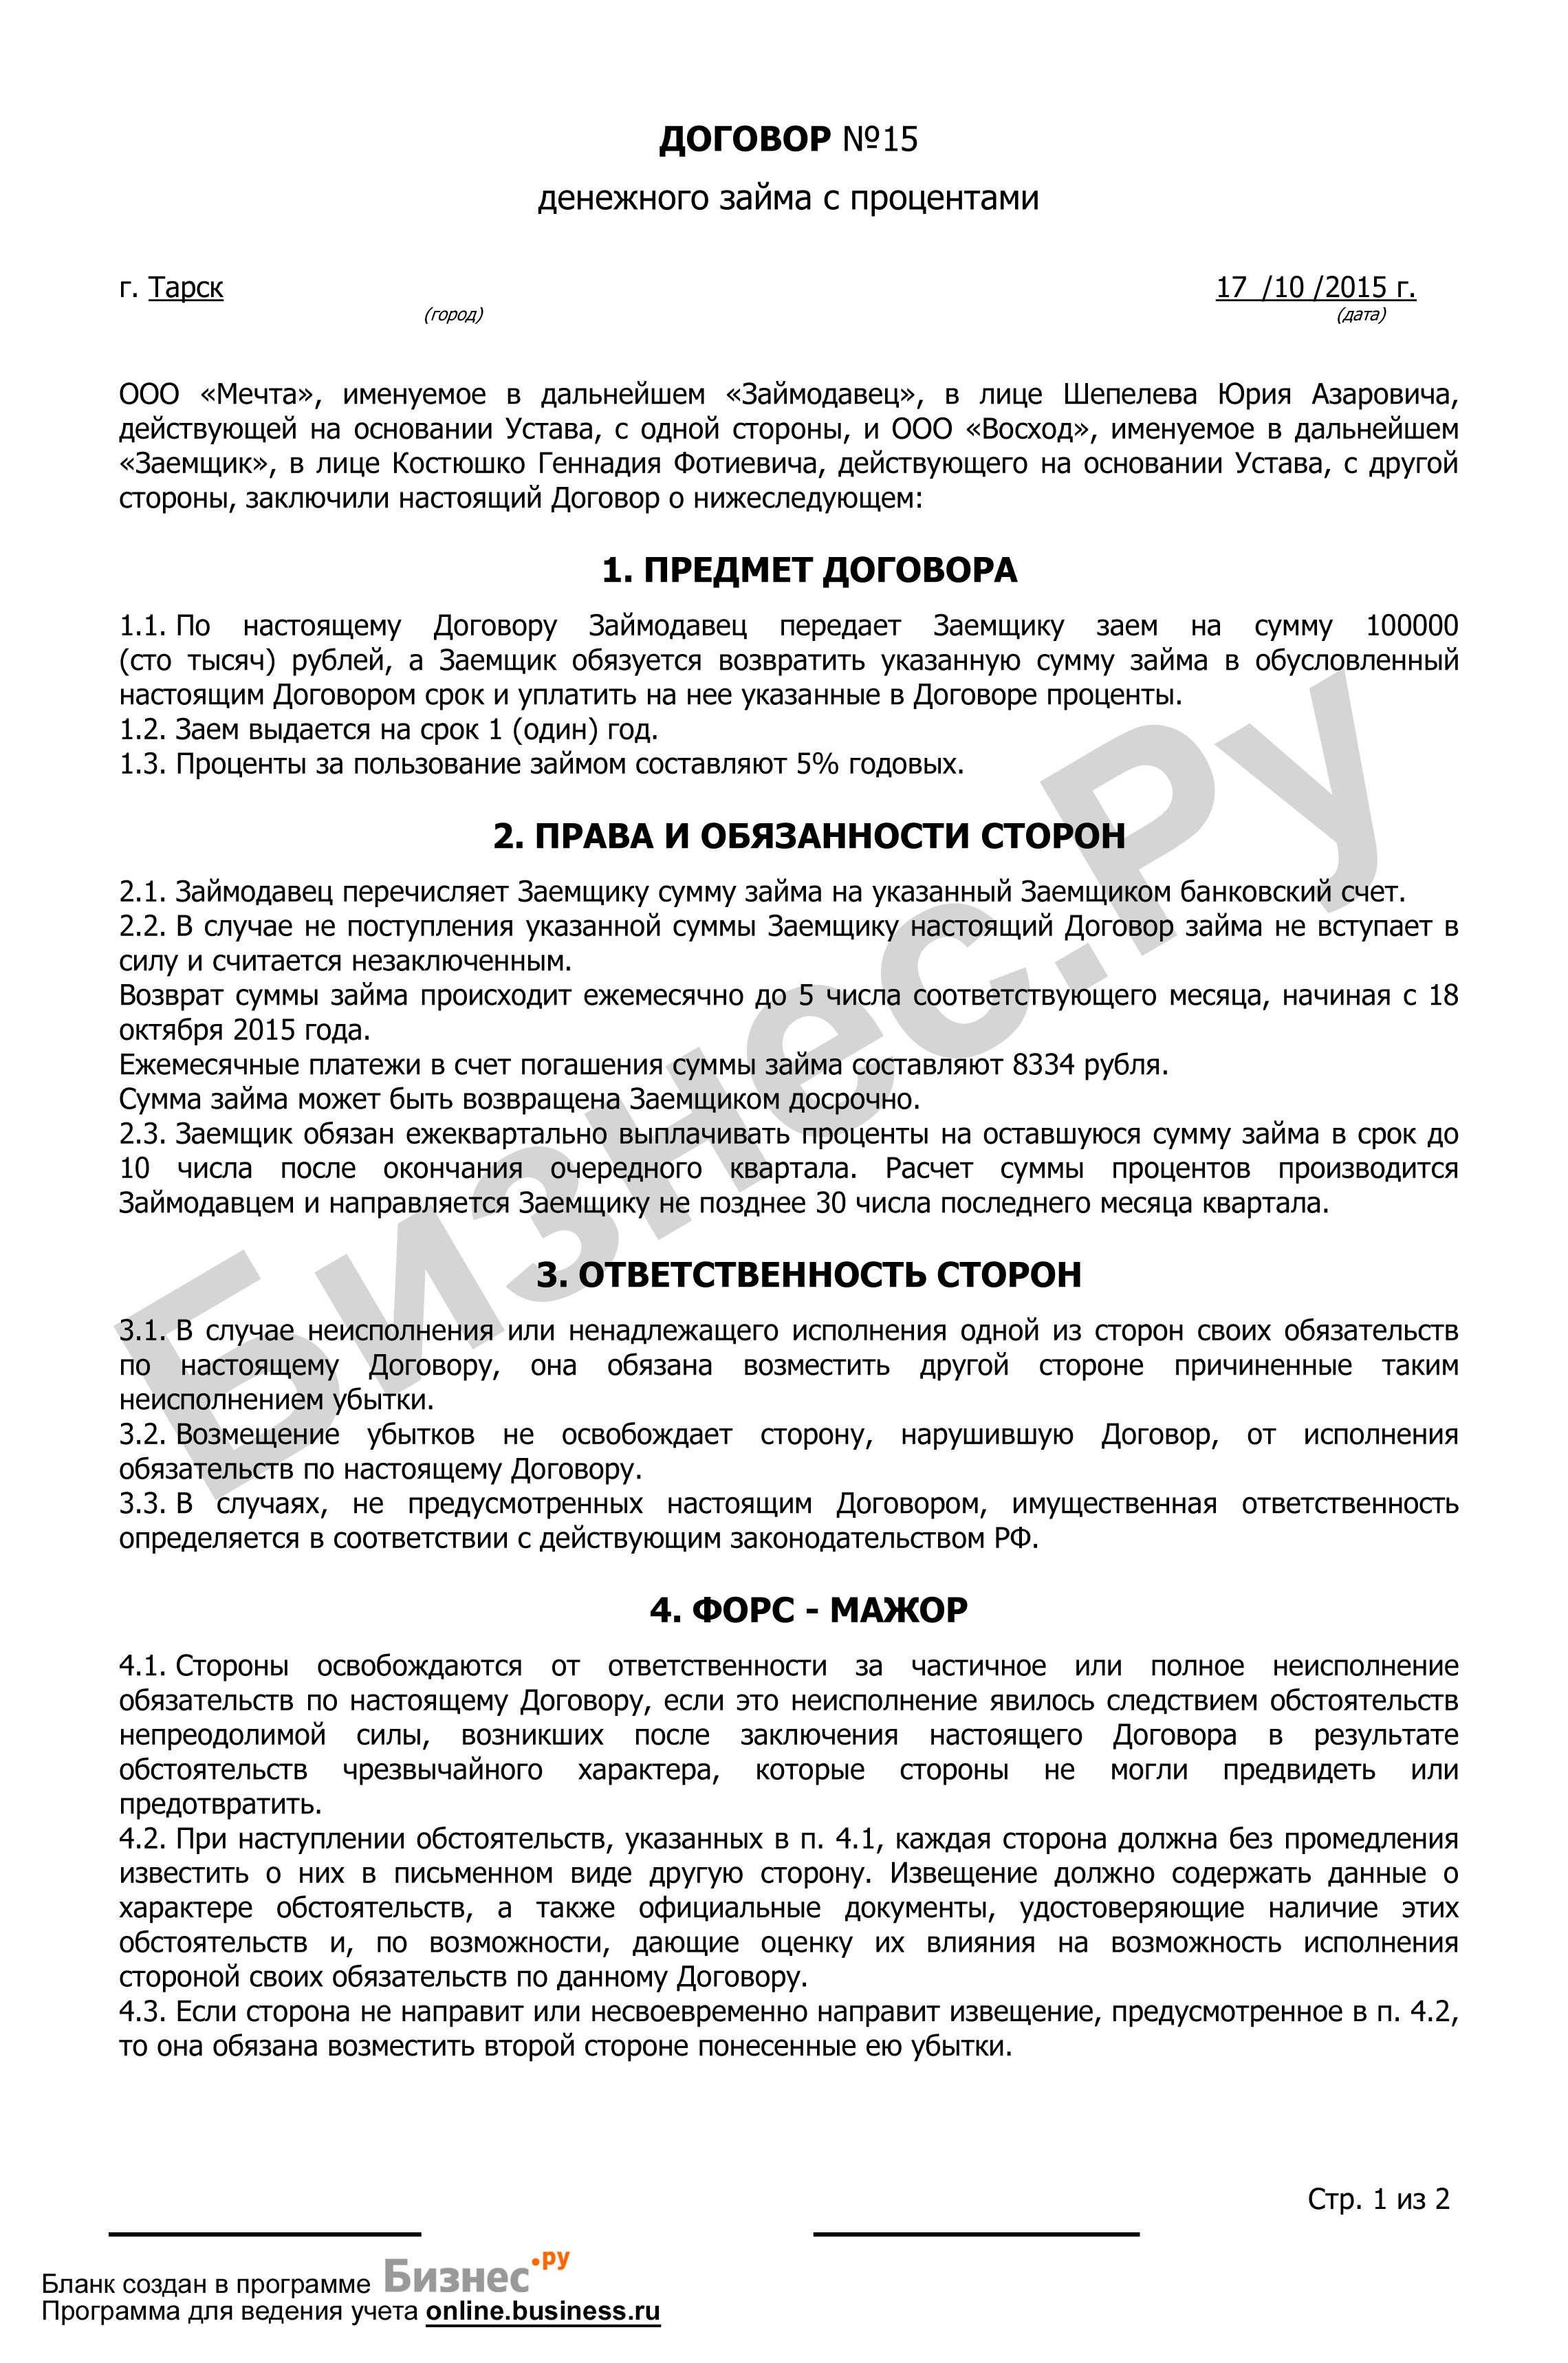 беларусбанк кредит на 20 лет